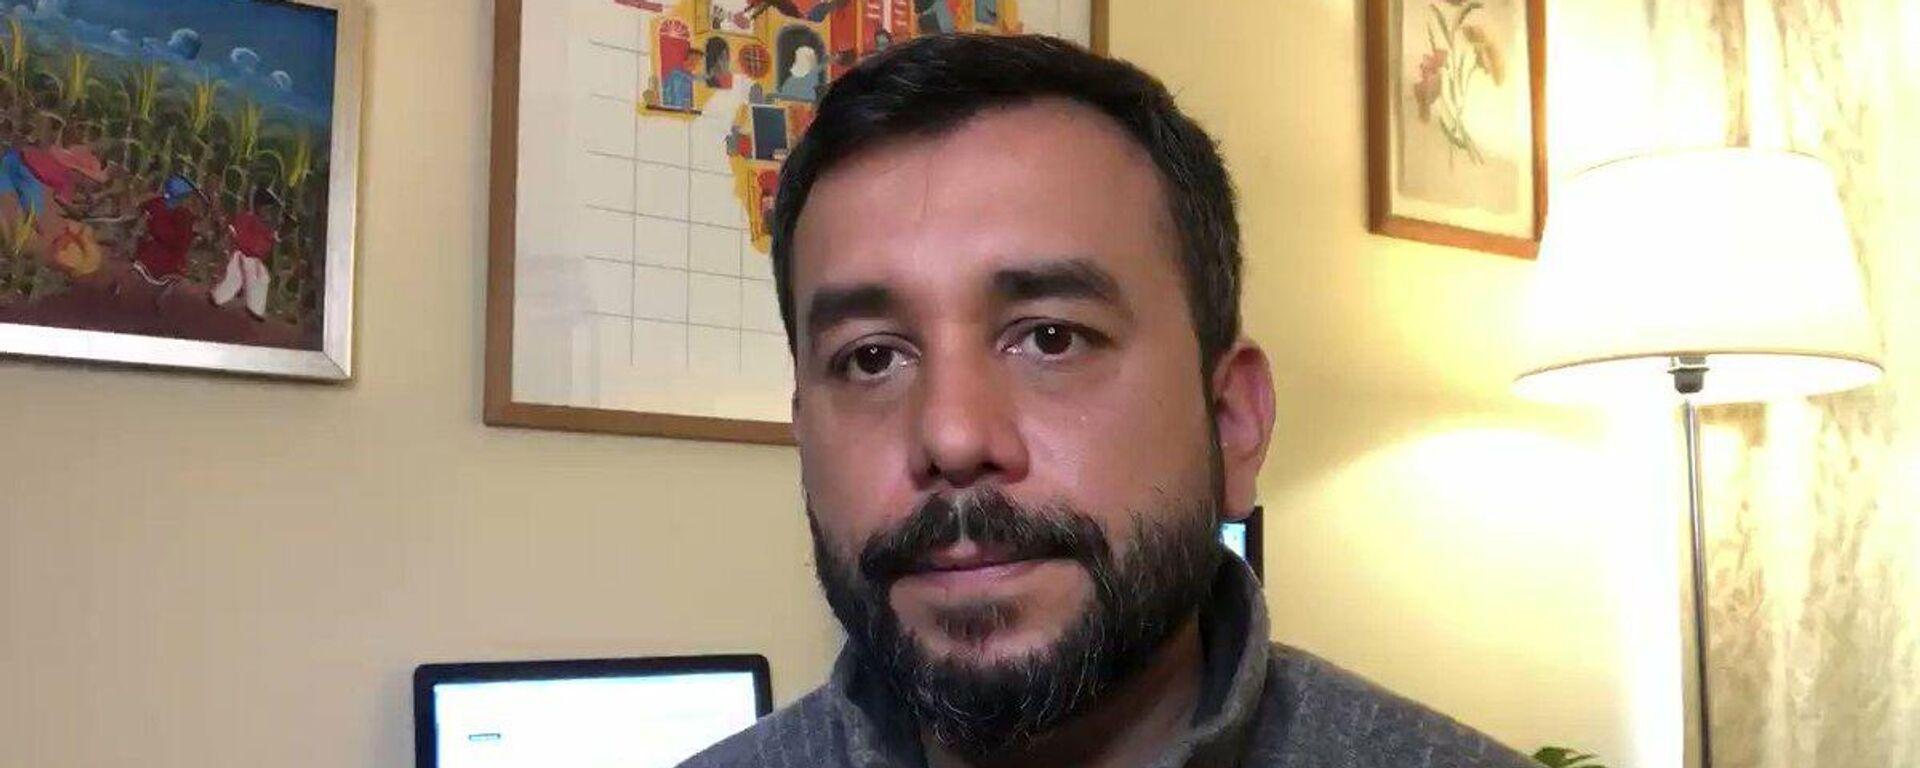 Óscar Rementería, vocero del Movimiento por la Integración y Liberación Homosexual (Movilh) - Sputnik Mundo, 1920, 17.08.2021